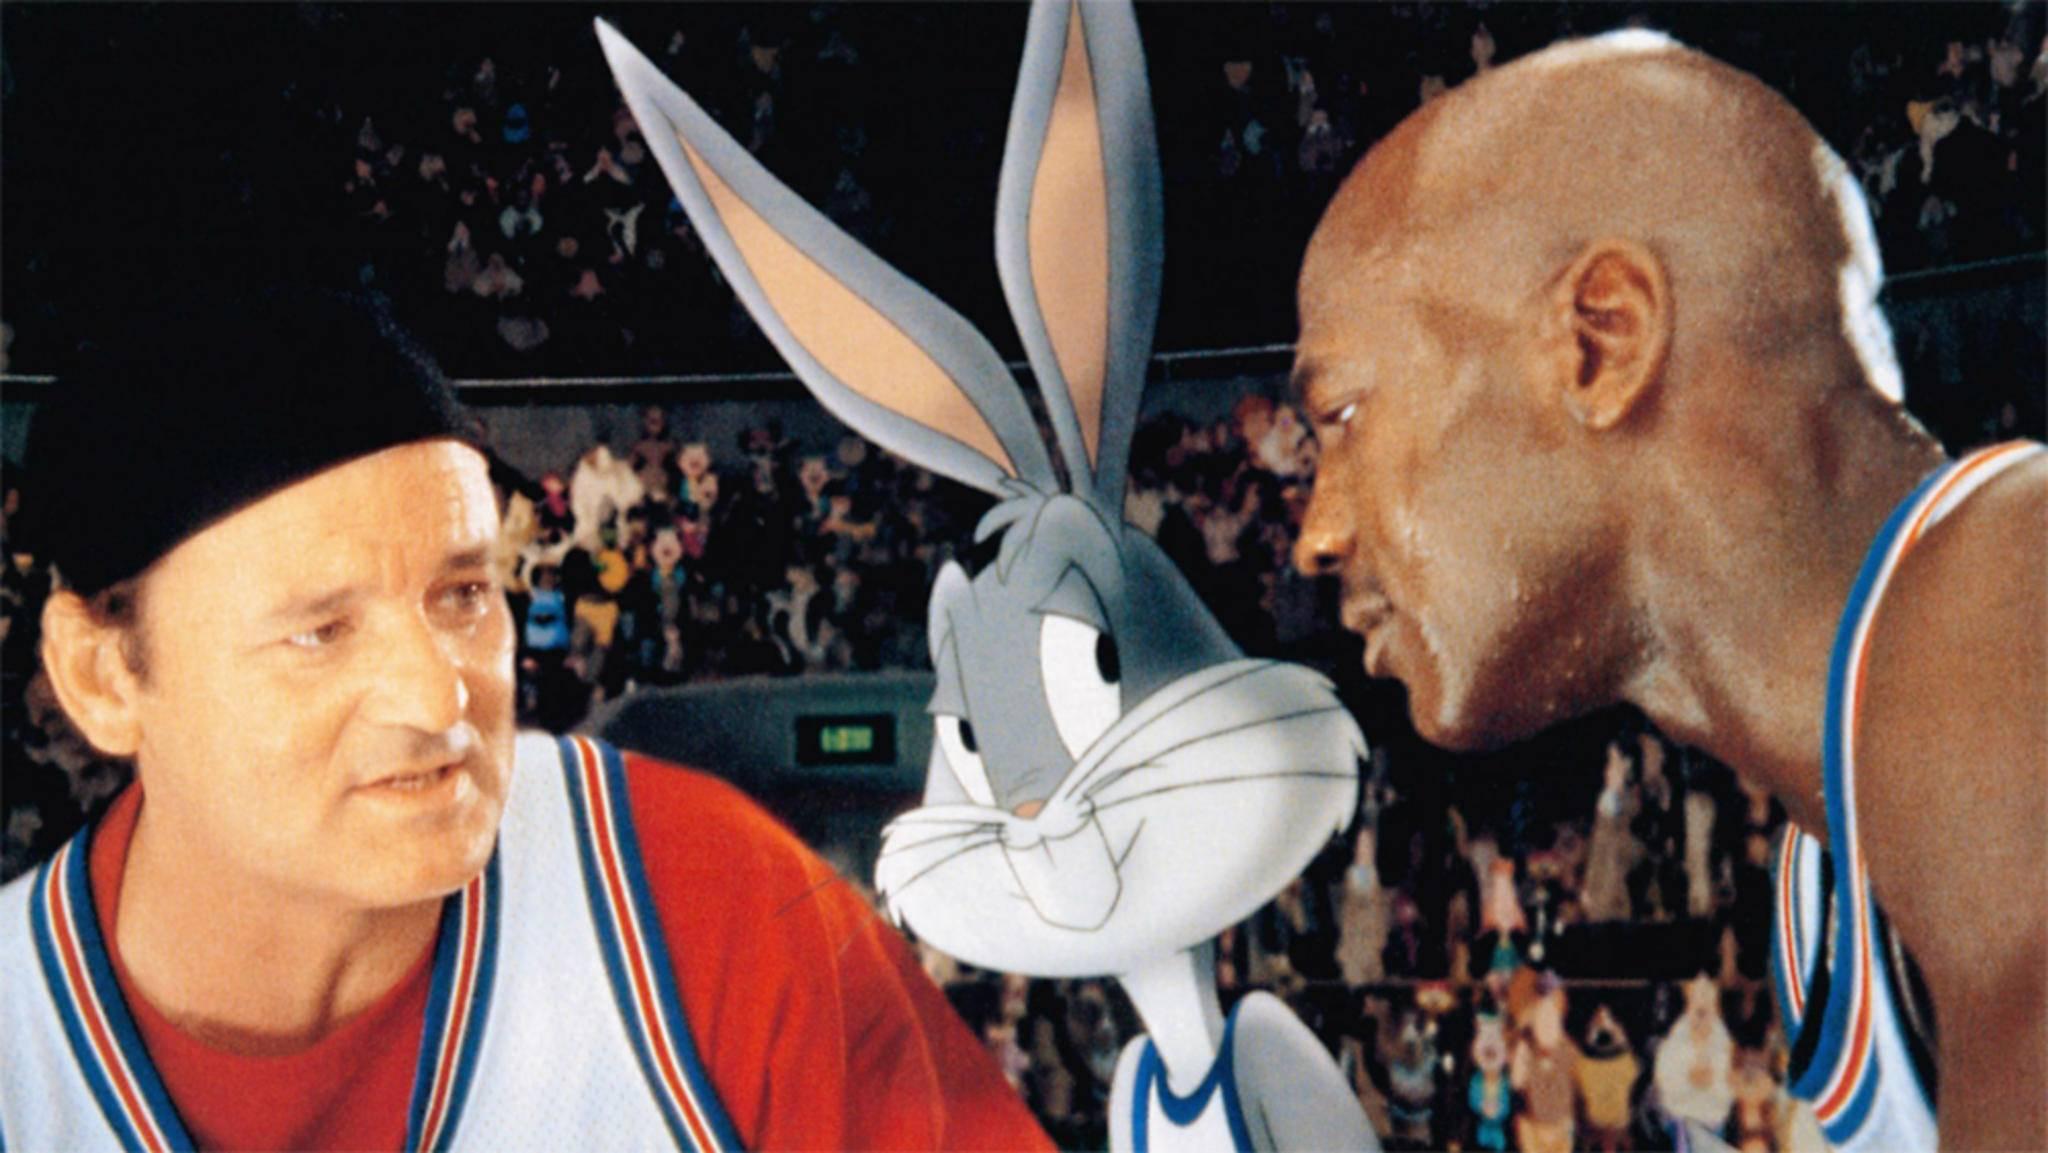 """Bis Basketball und Looney Tunes in """"Space Jam 2"""" wieder aufeinandertreffen, könnte es noch etwas dauern."""